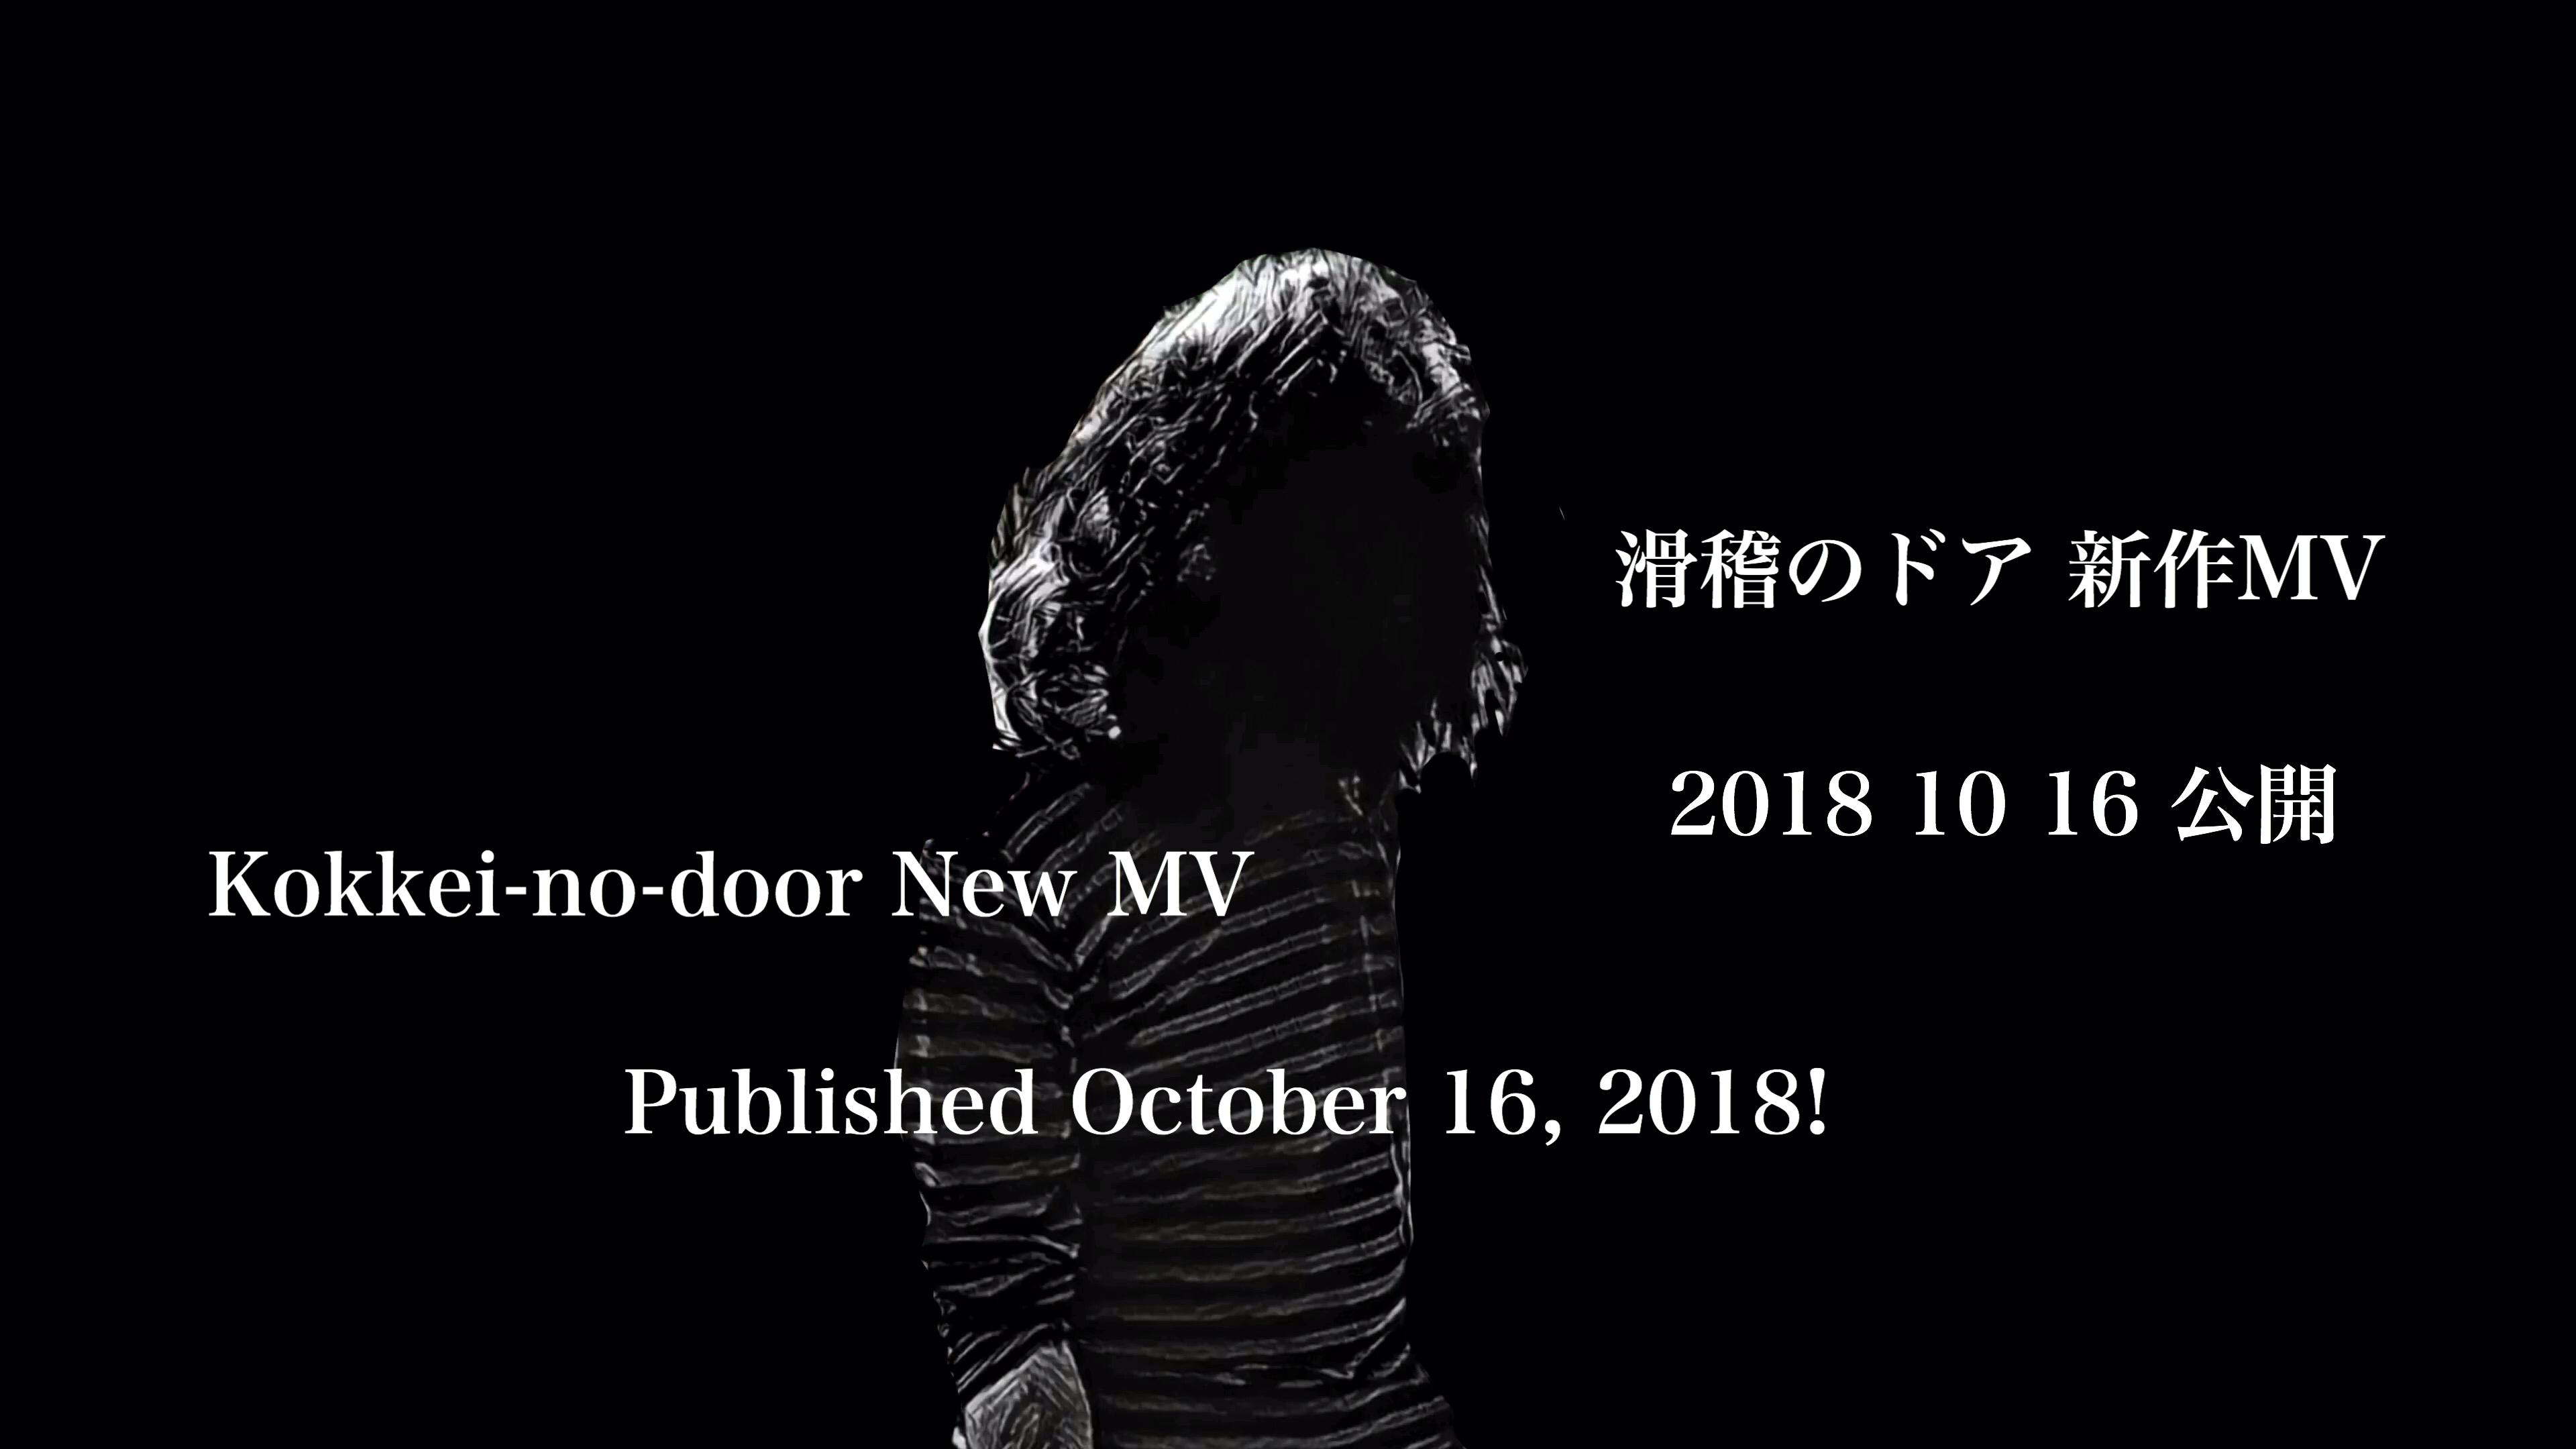 もうすぐ新作MV公開!!